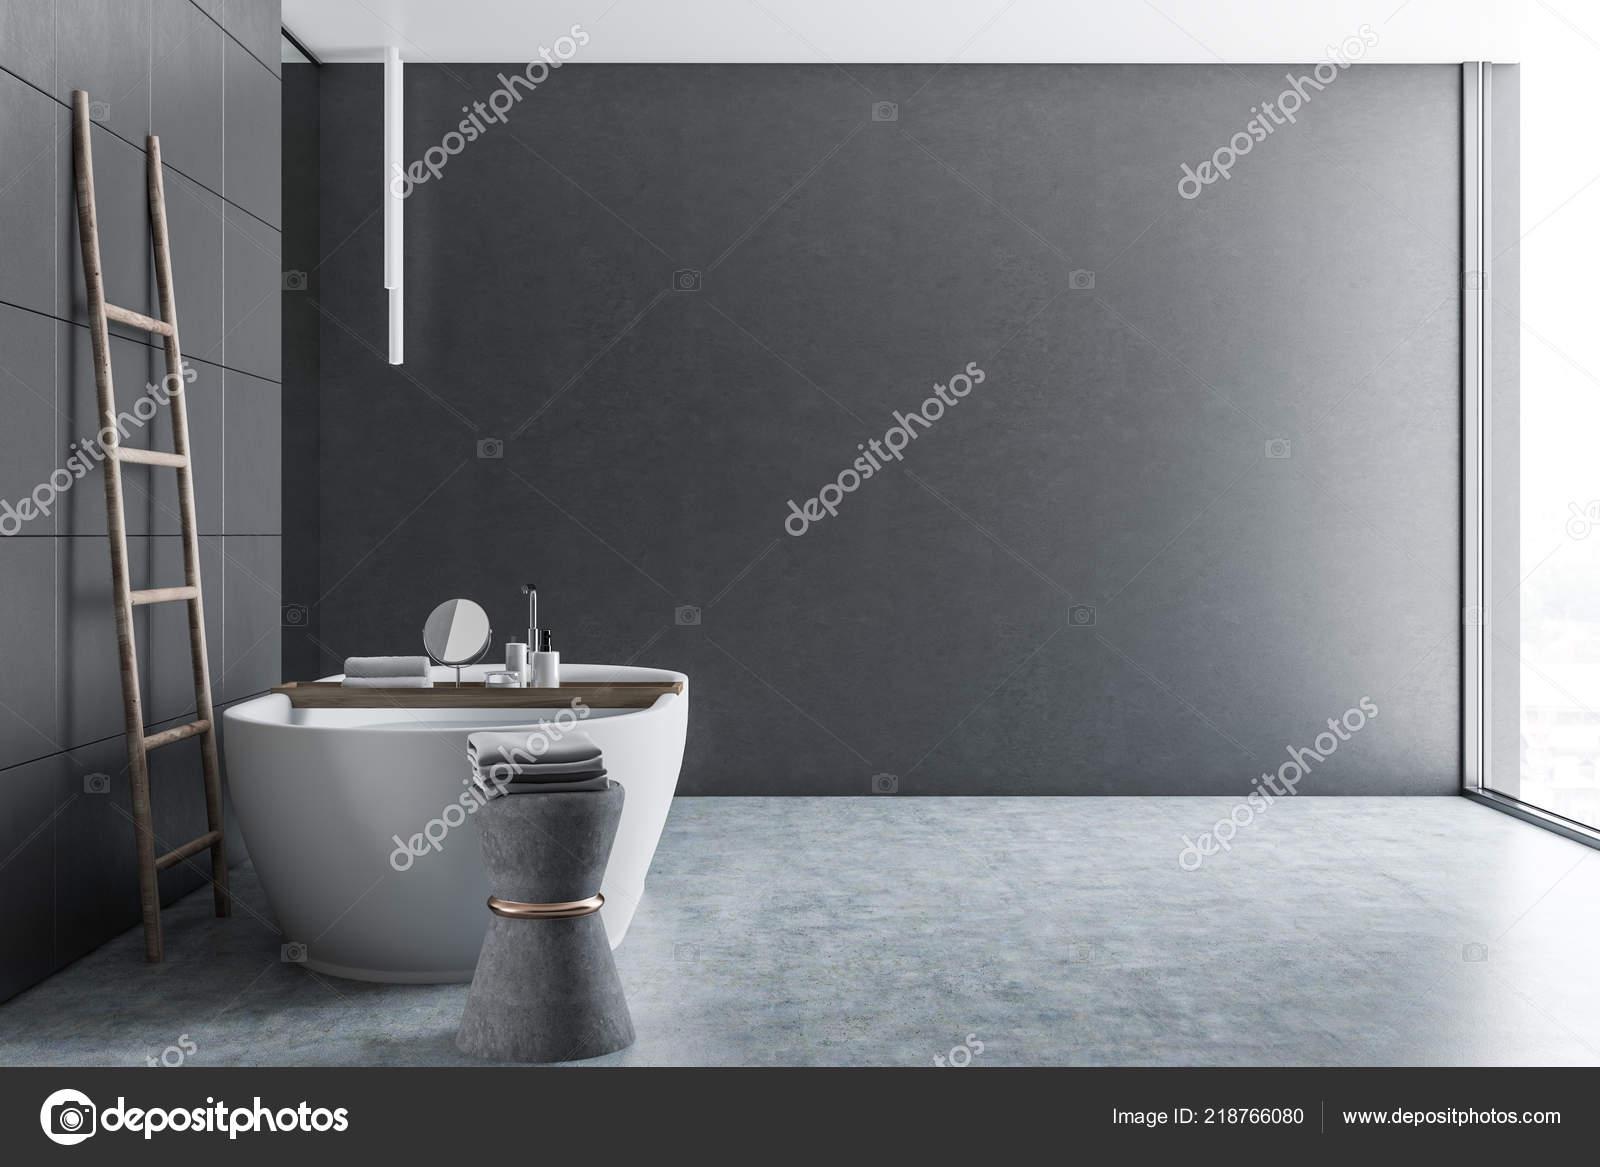 Beton Fußboden Auf Fliesen ~ Seitenansicht des luxus badezimmer mit hellgrauen fliesen wände